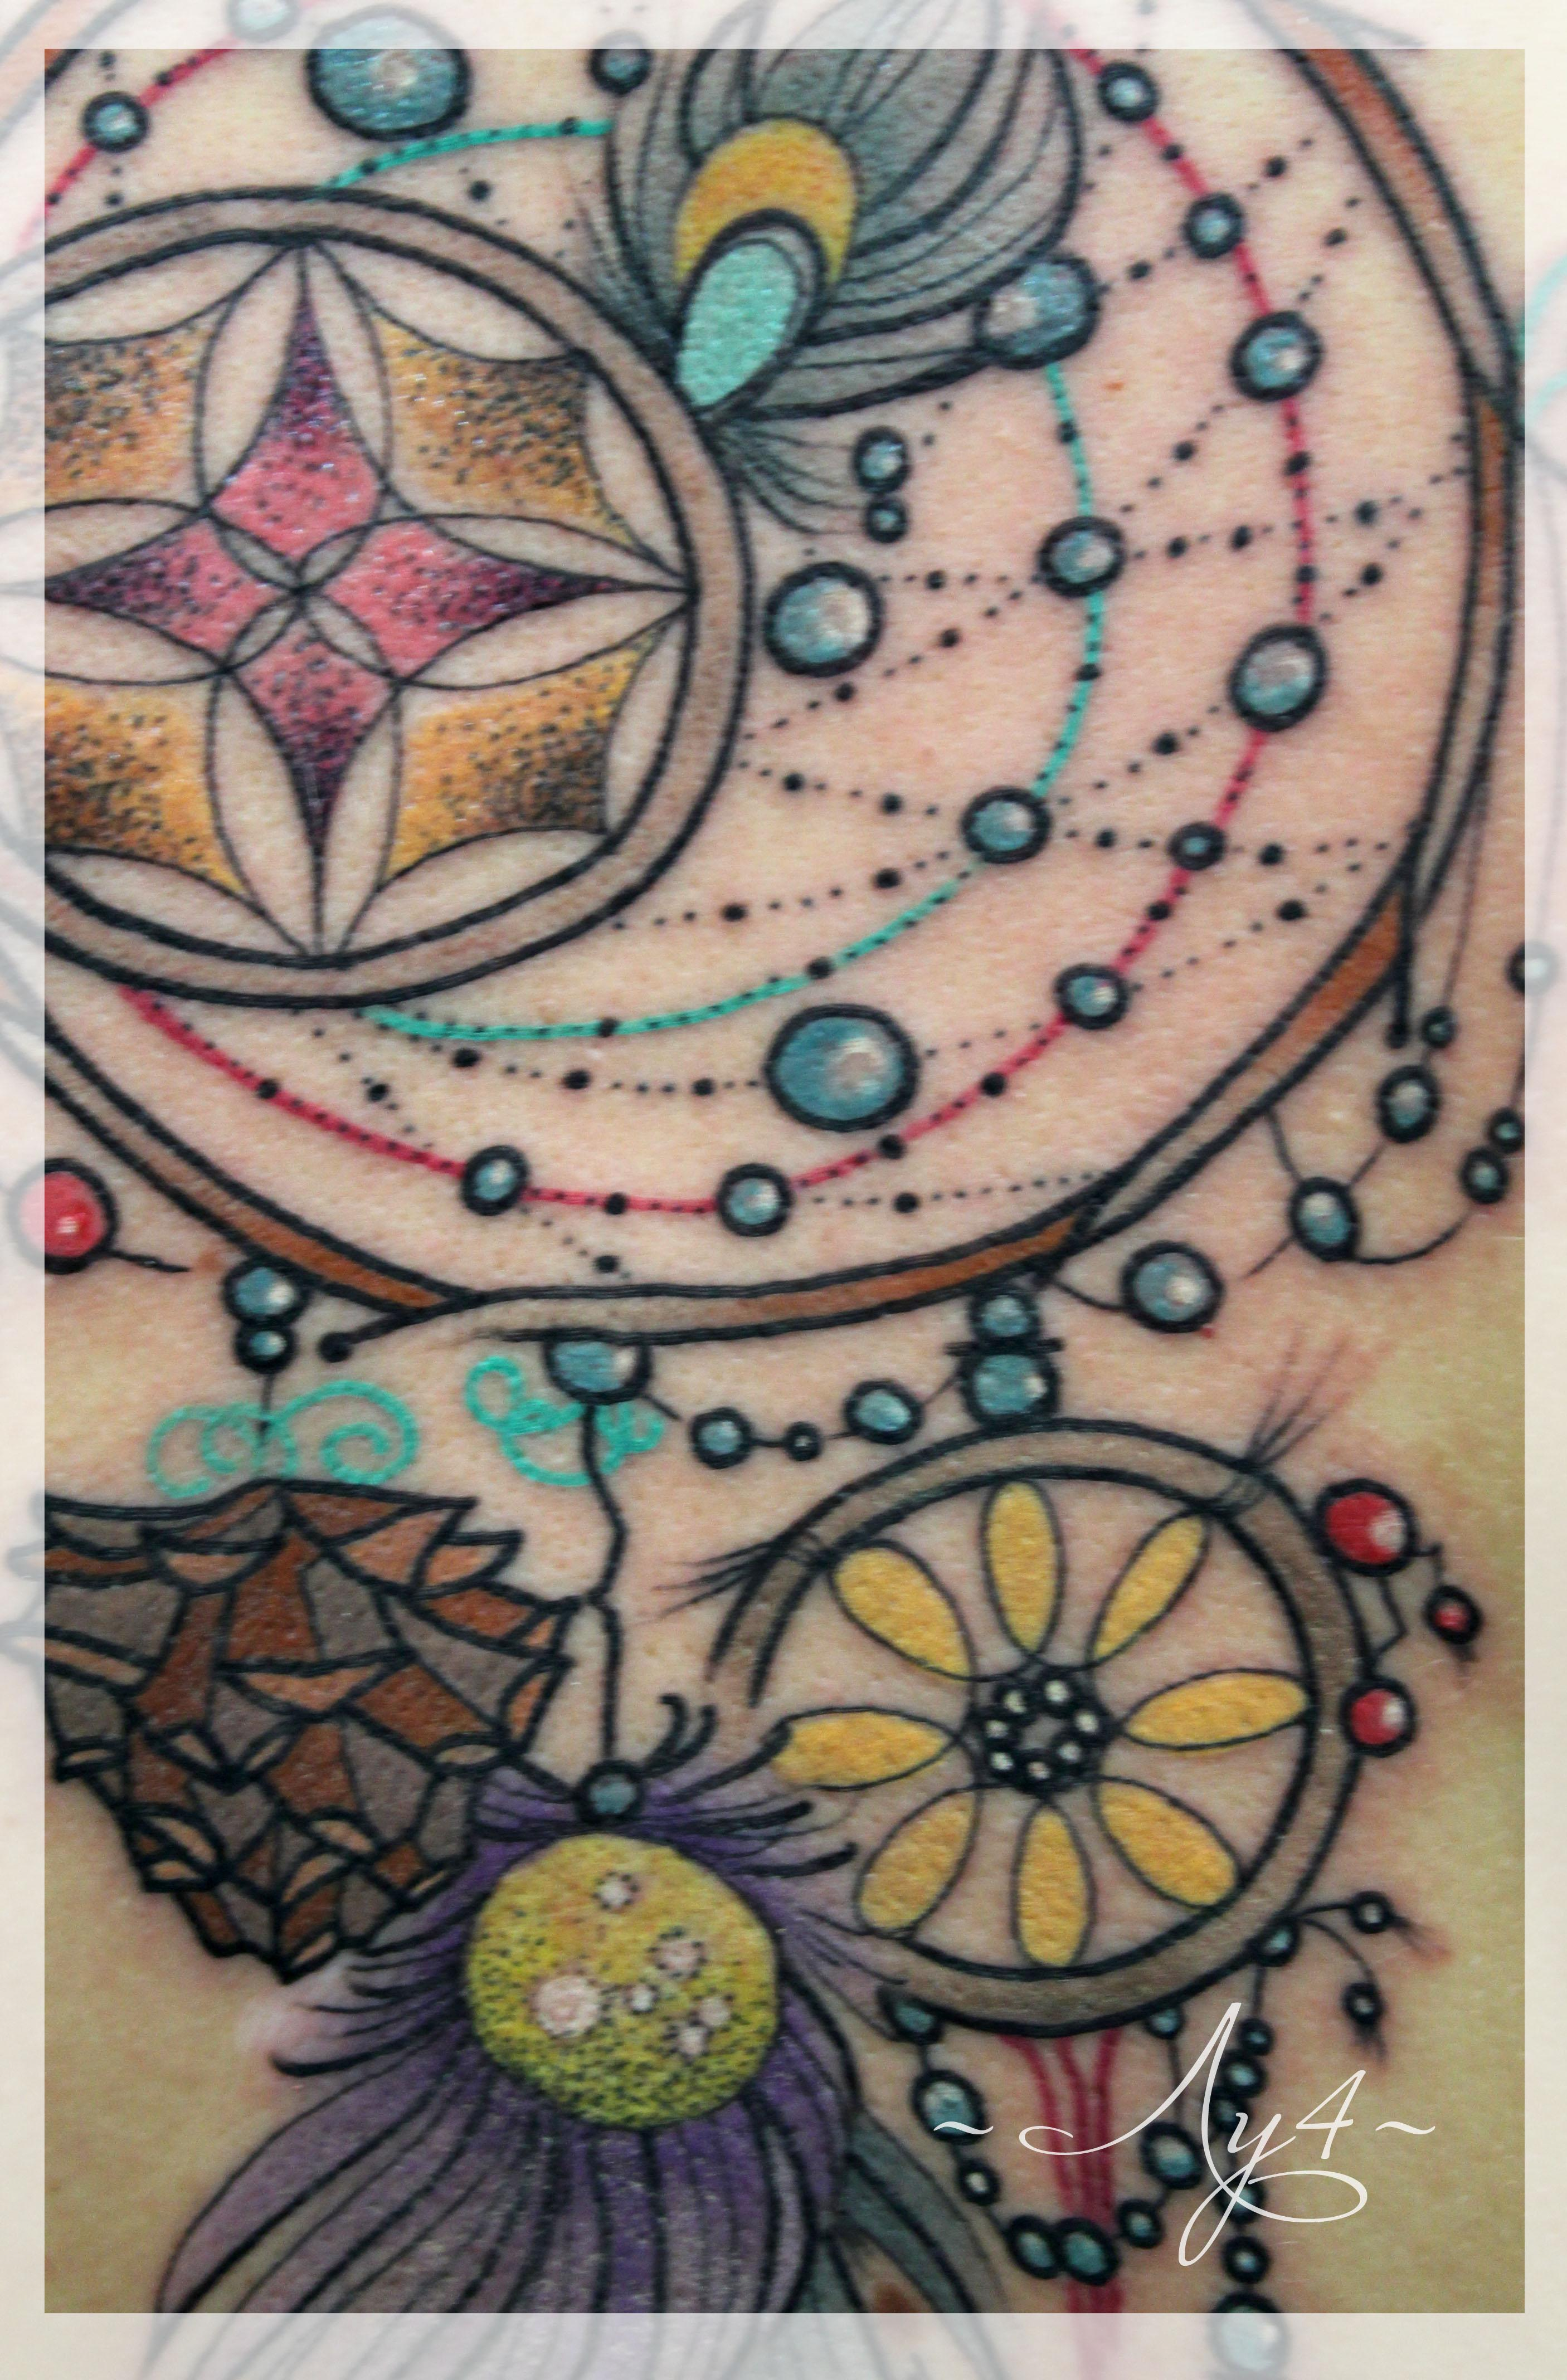 Художественная татуировка «Ловец снов» от мастера Кати Луч. Работа по индивидуальному эскизу. В традиционном стиле с элементами дотворка.